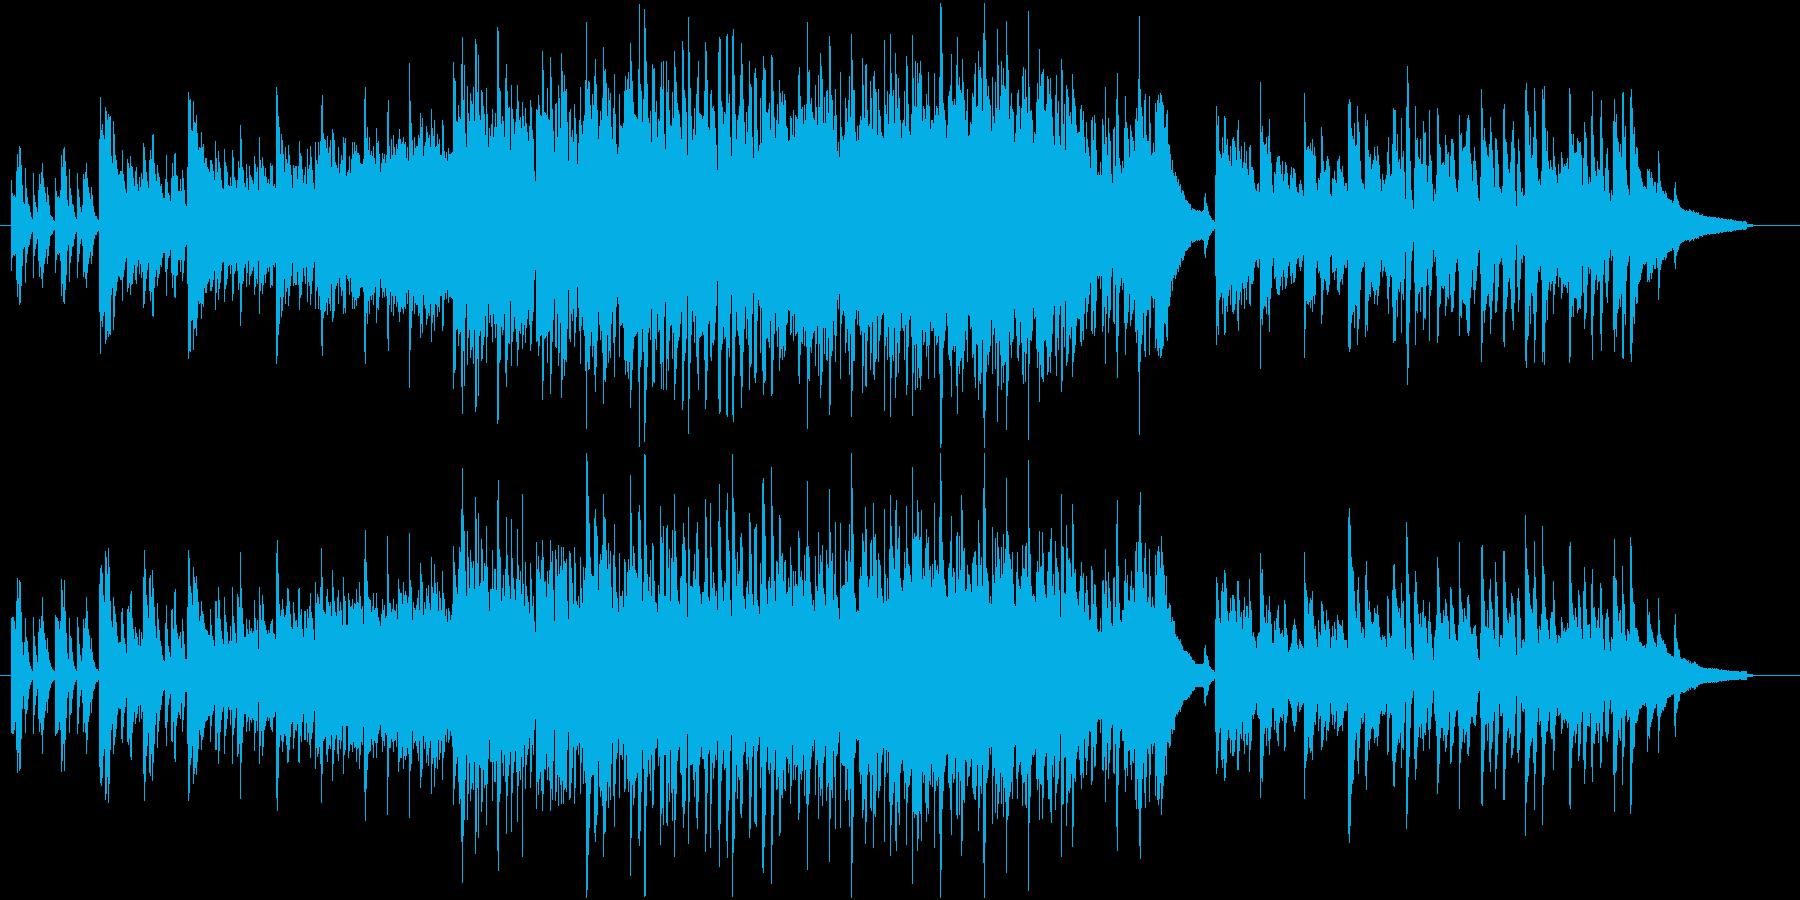 夕焼けイメージのカッコイイジャズの再生済みの波形